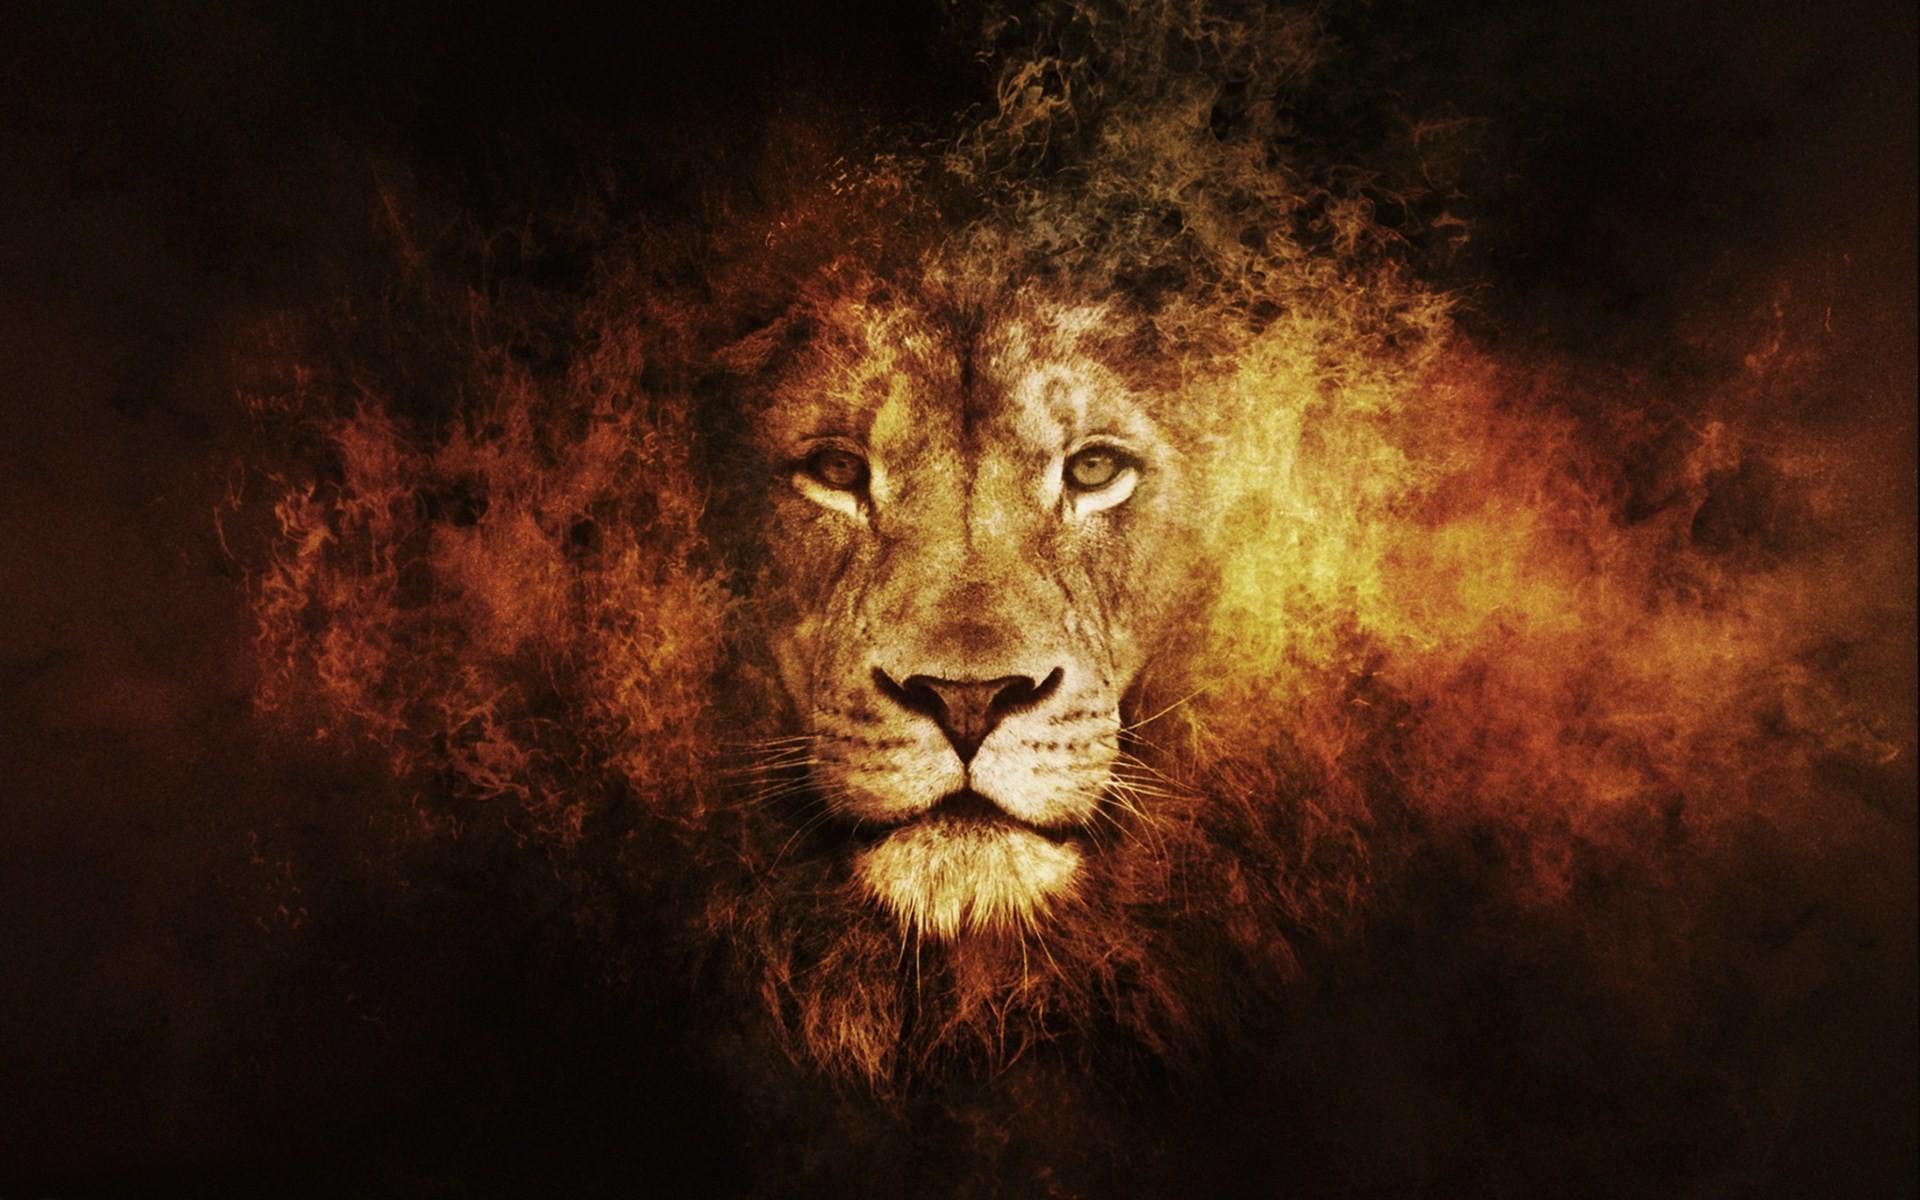 Abstract Lion Face Photos